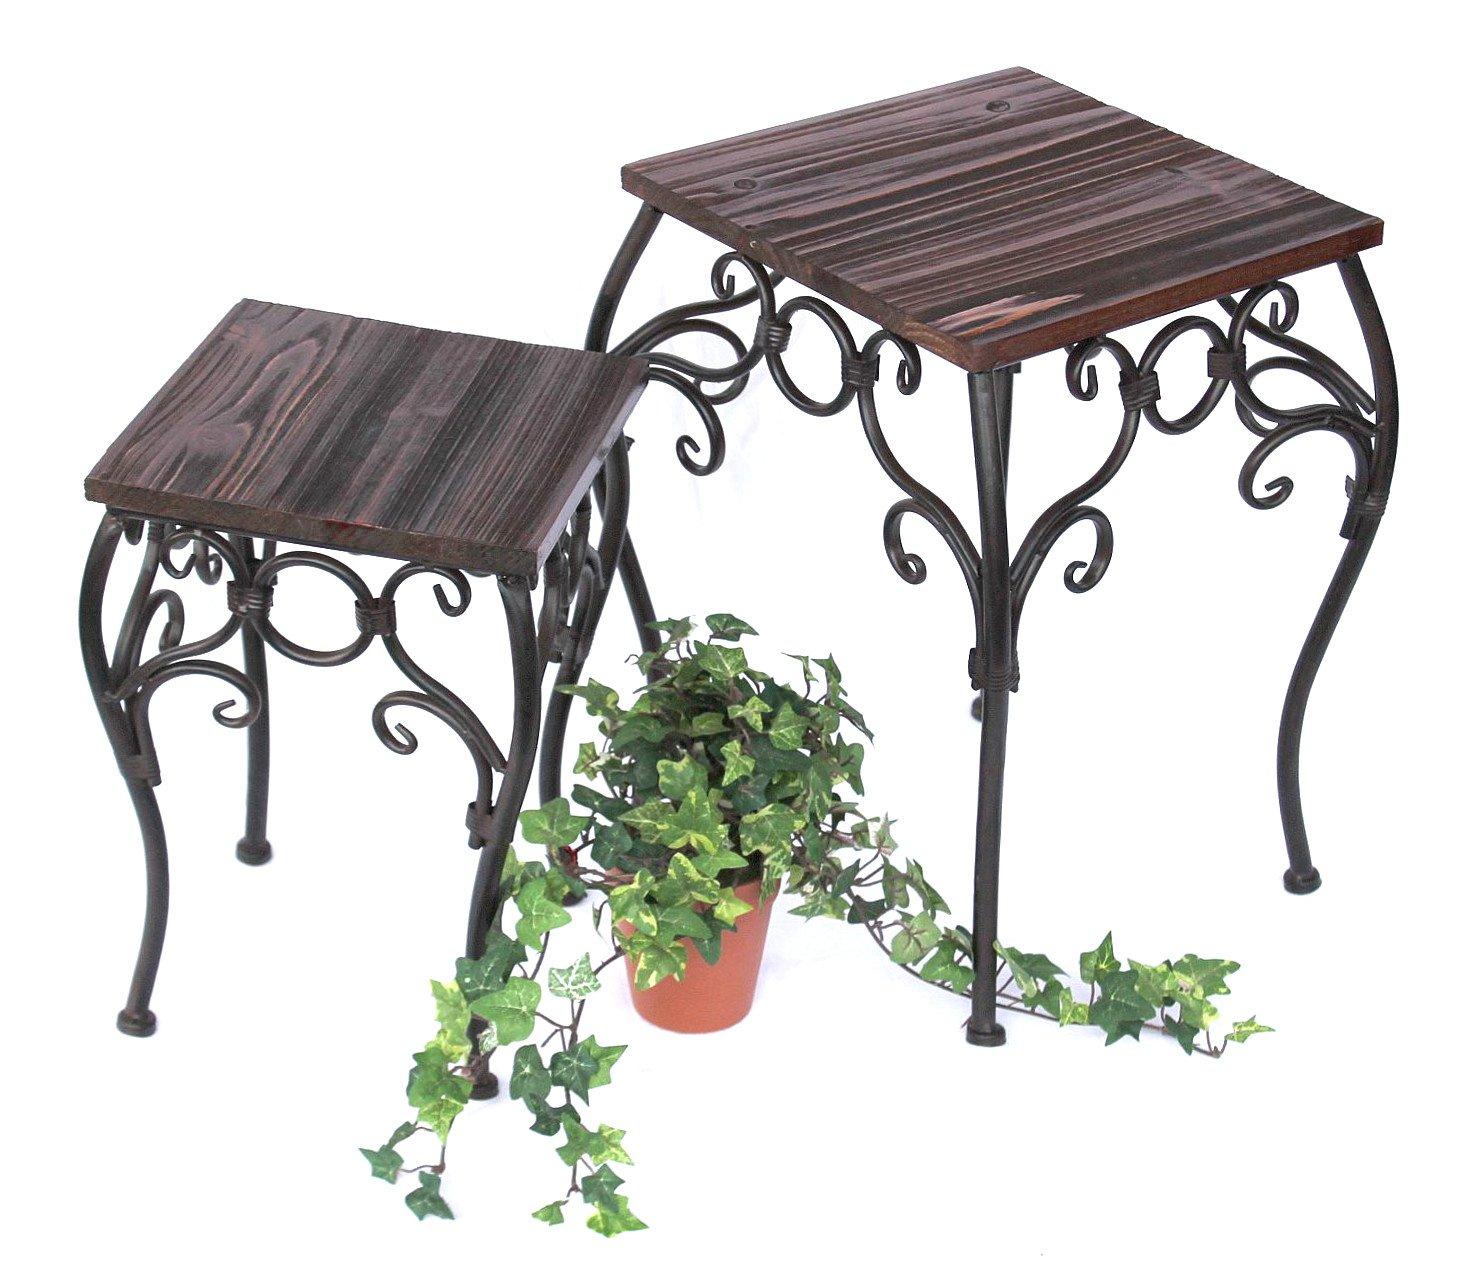 DanDiBo Blumenhocker 2er Set 12593 Blumenständer 34, 43 cm Eckig Blumensäule Tisch